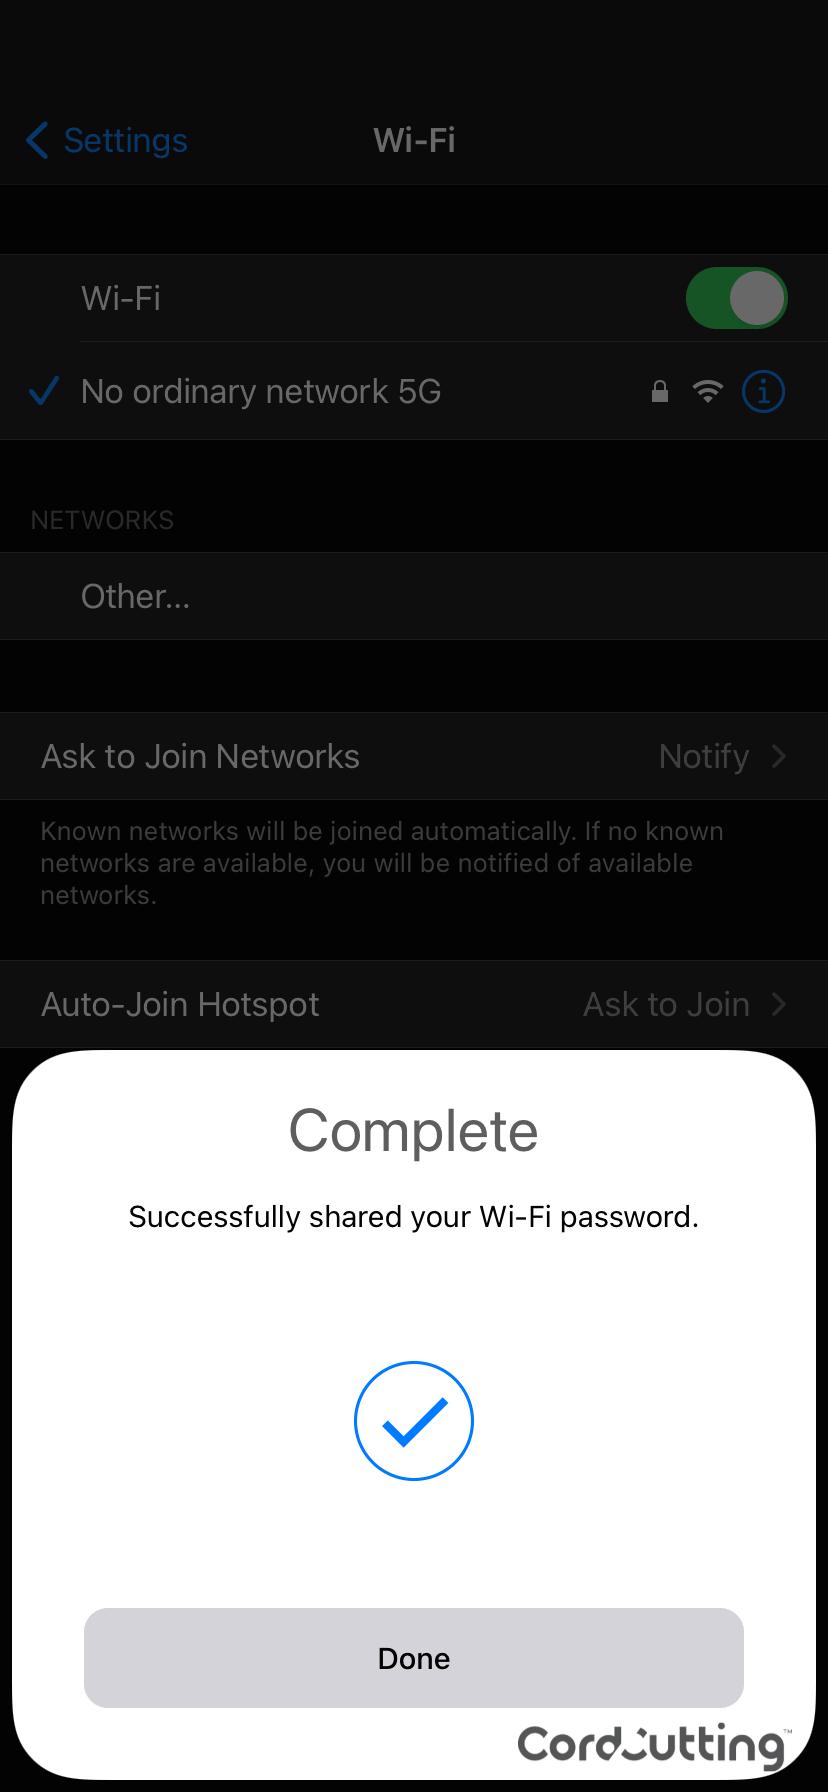 iOS Wi-Fi share step 3